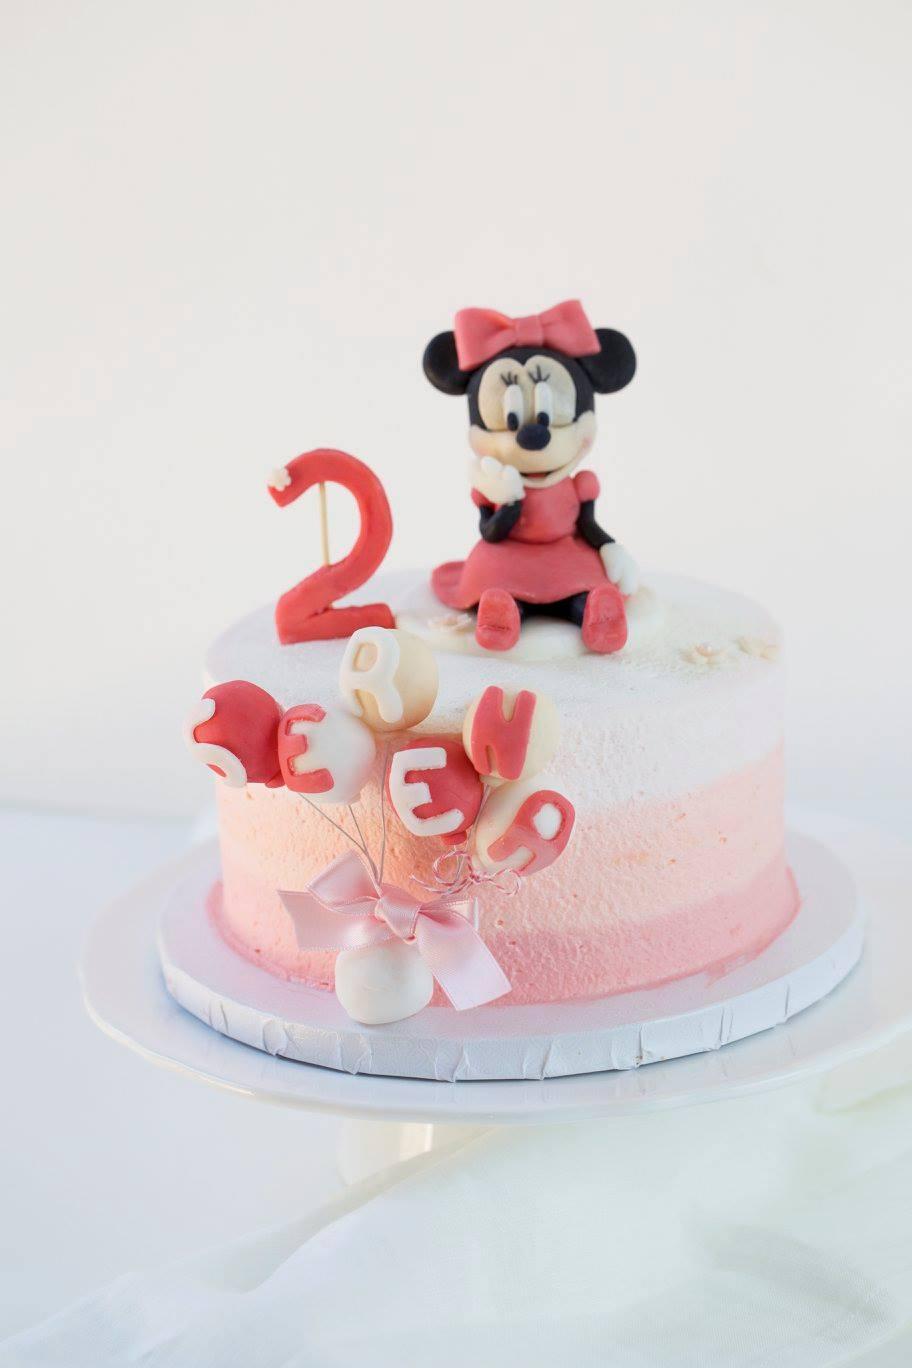 客製生日蛋糕